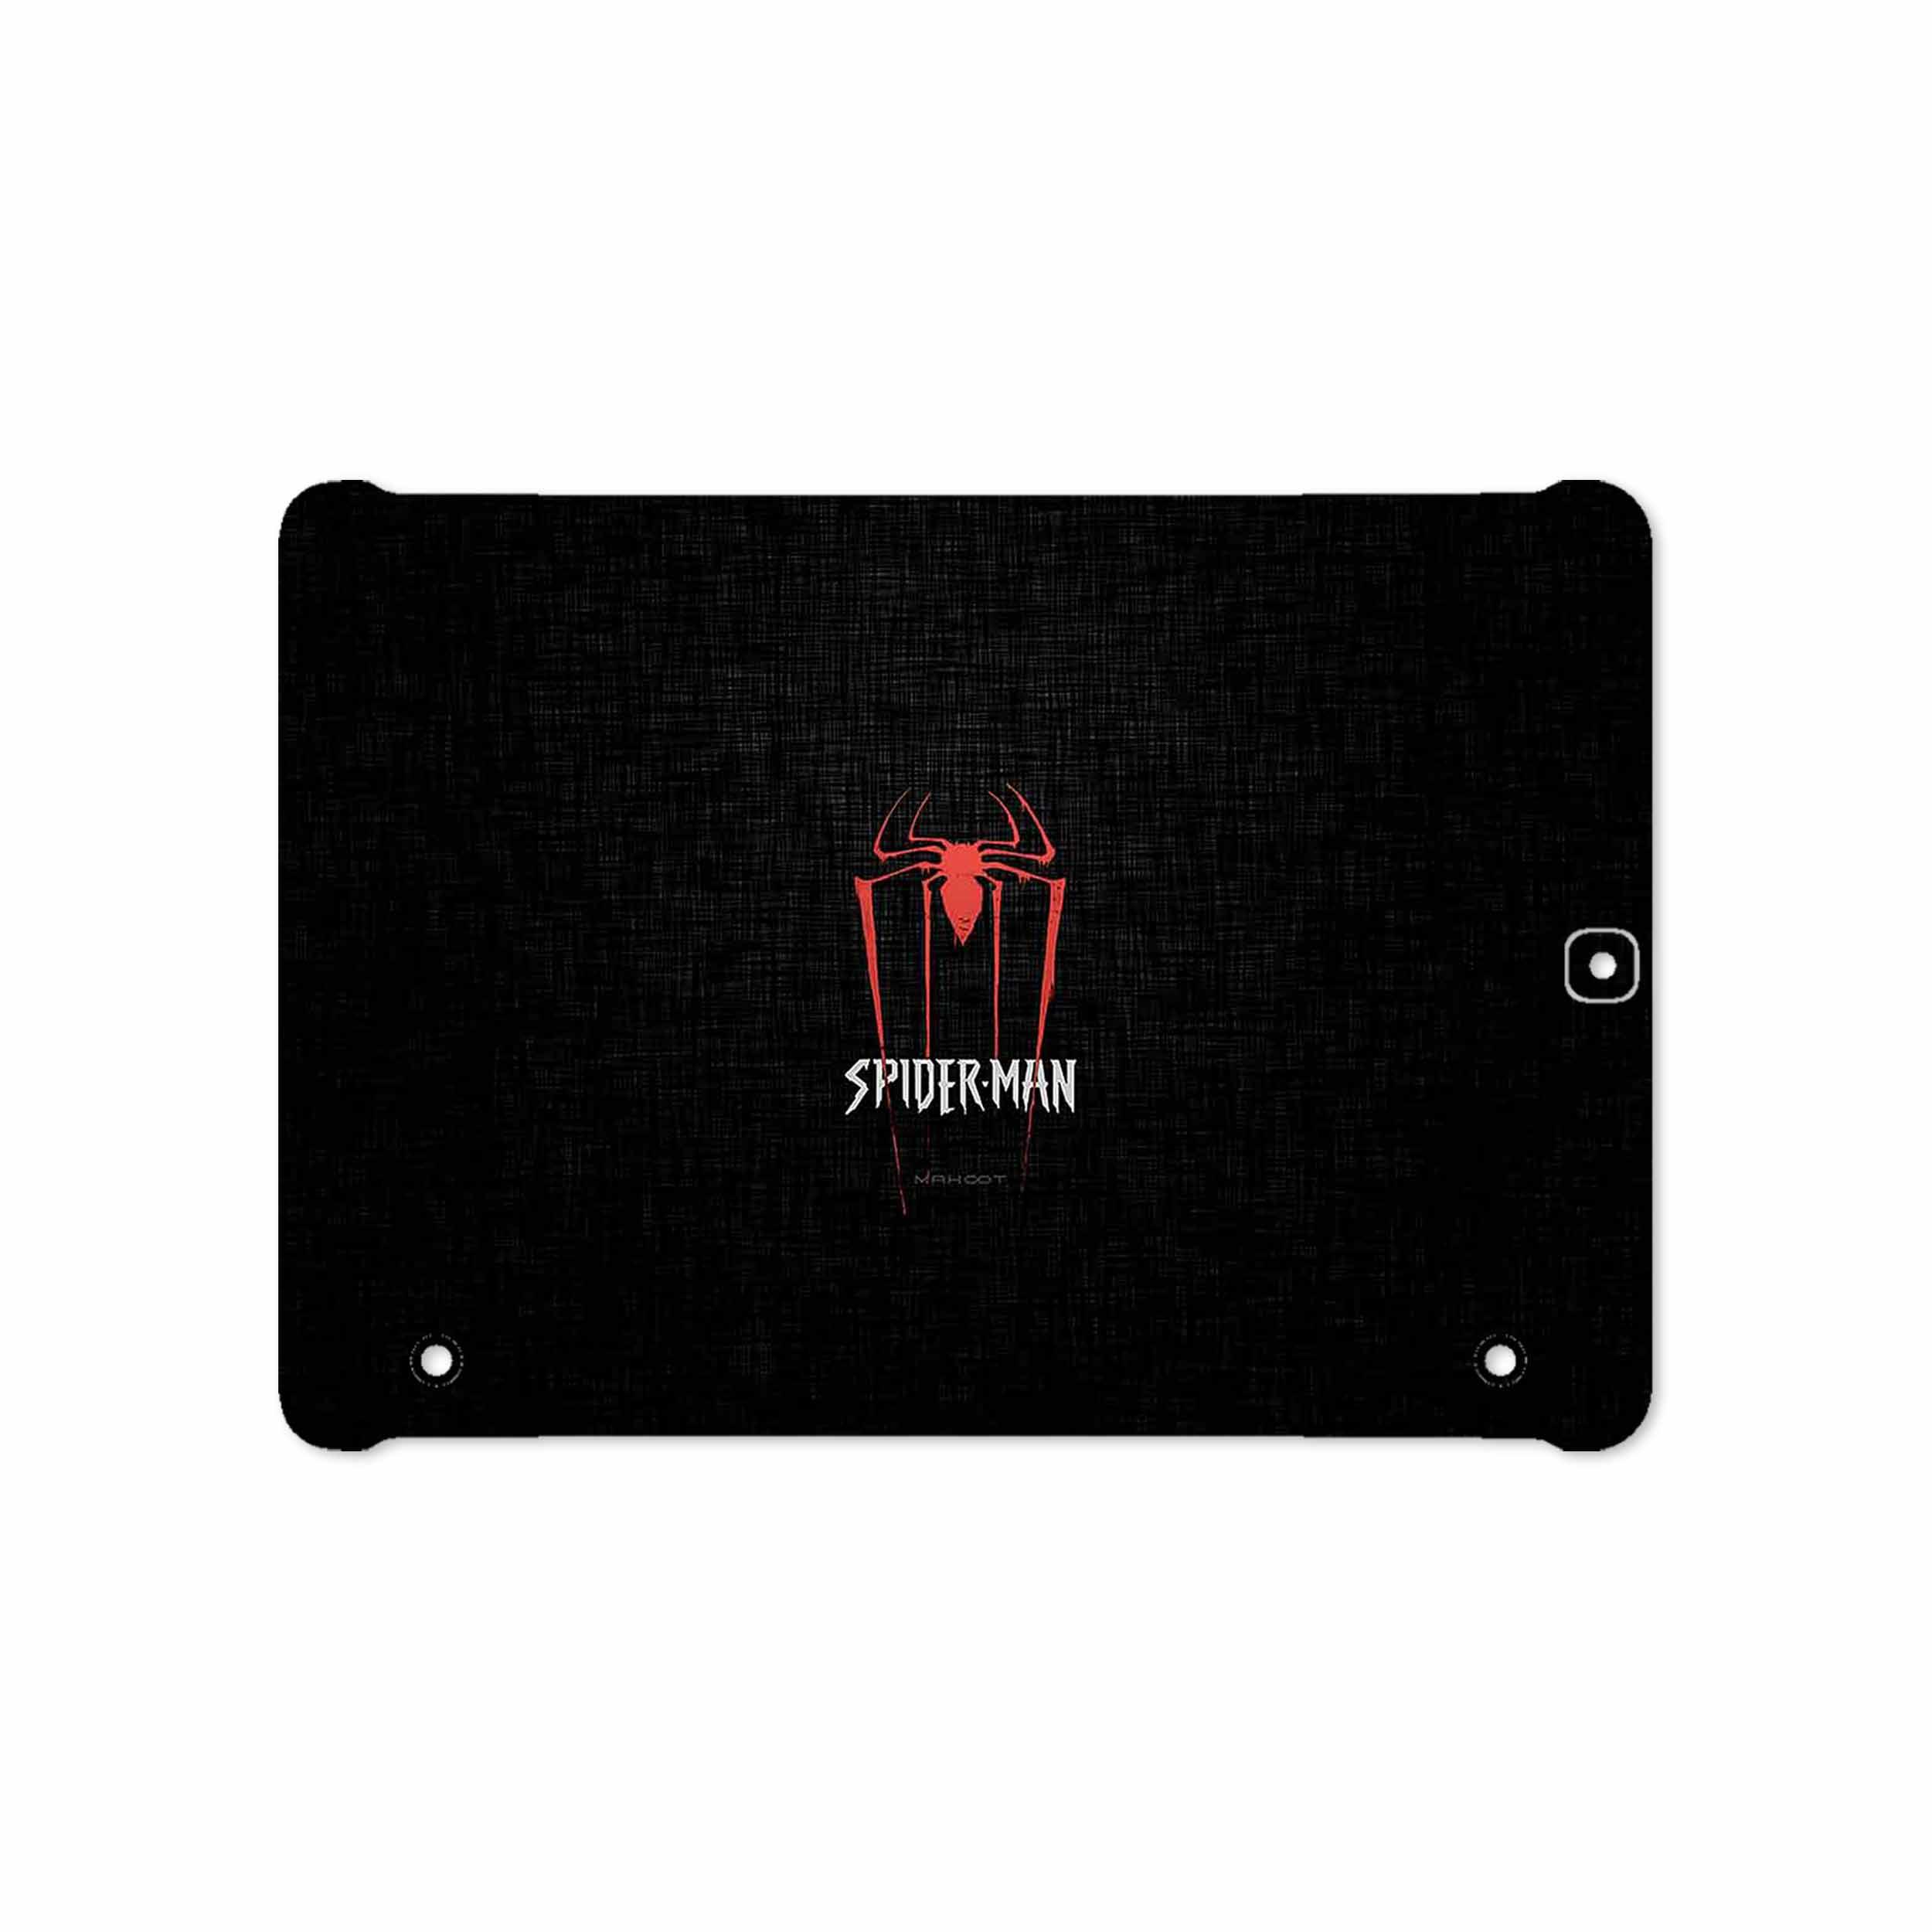 بررسی و خرید [با تخفیف]                                     برچسب پوششی ماهوت مدل Spider-Man مناسب برای تبلت سامسونگ Galaxy Tab S2 9.7 2015 T810                             اورجینال